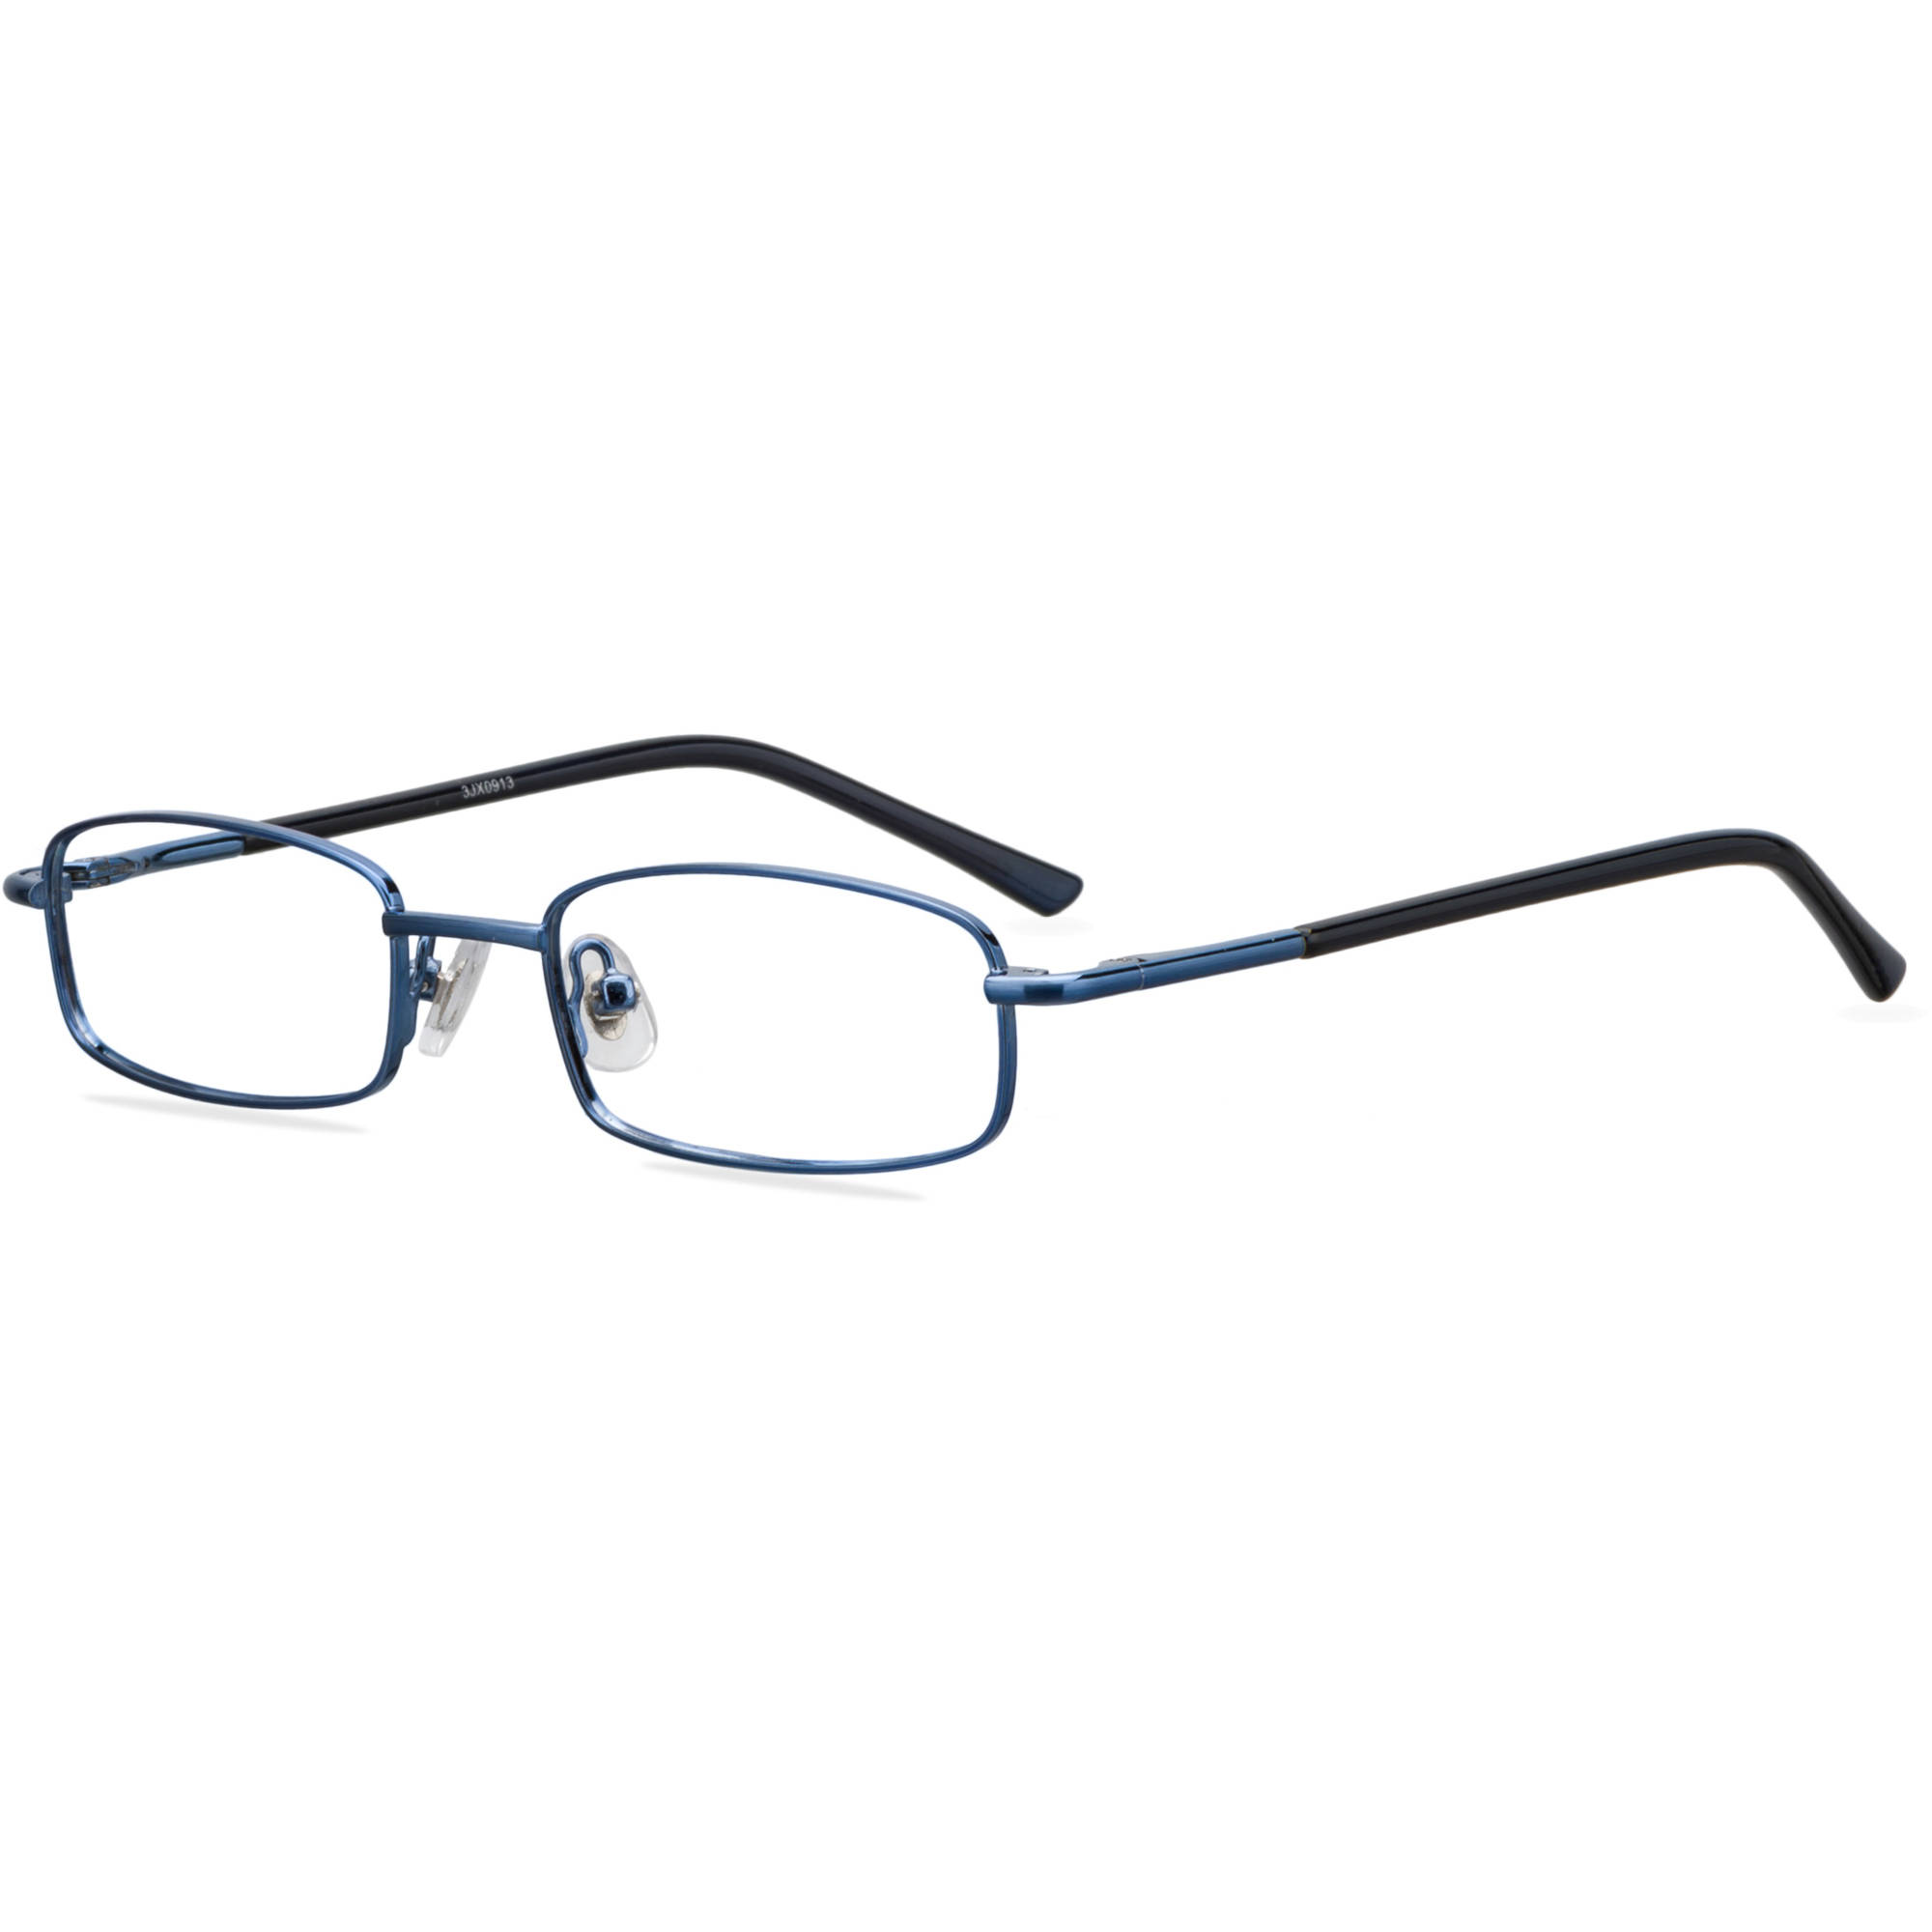 Contour Youths Prescription Glasses, FM10050 Blue